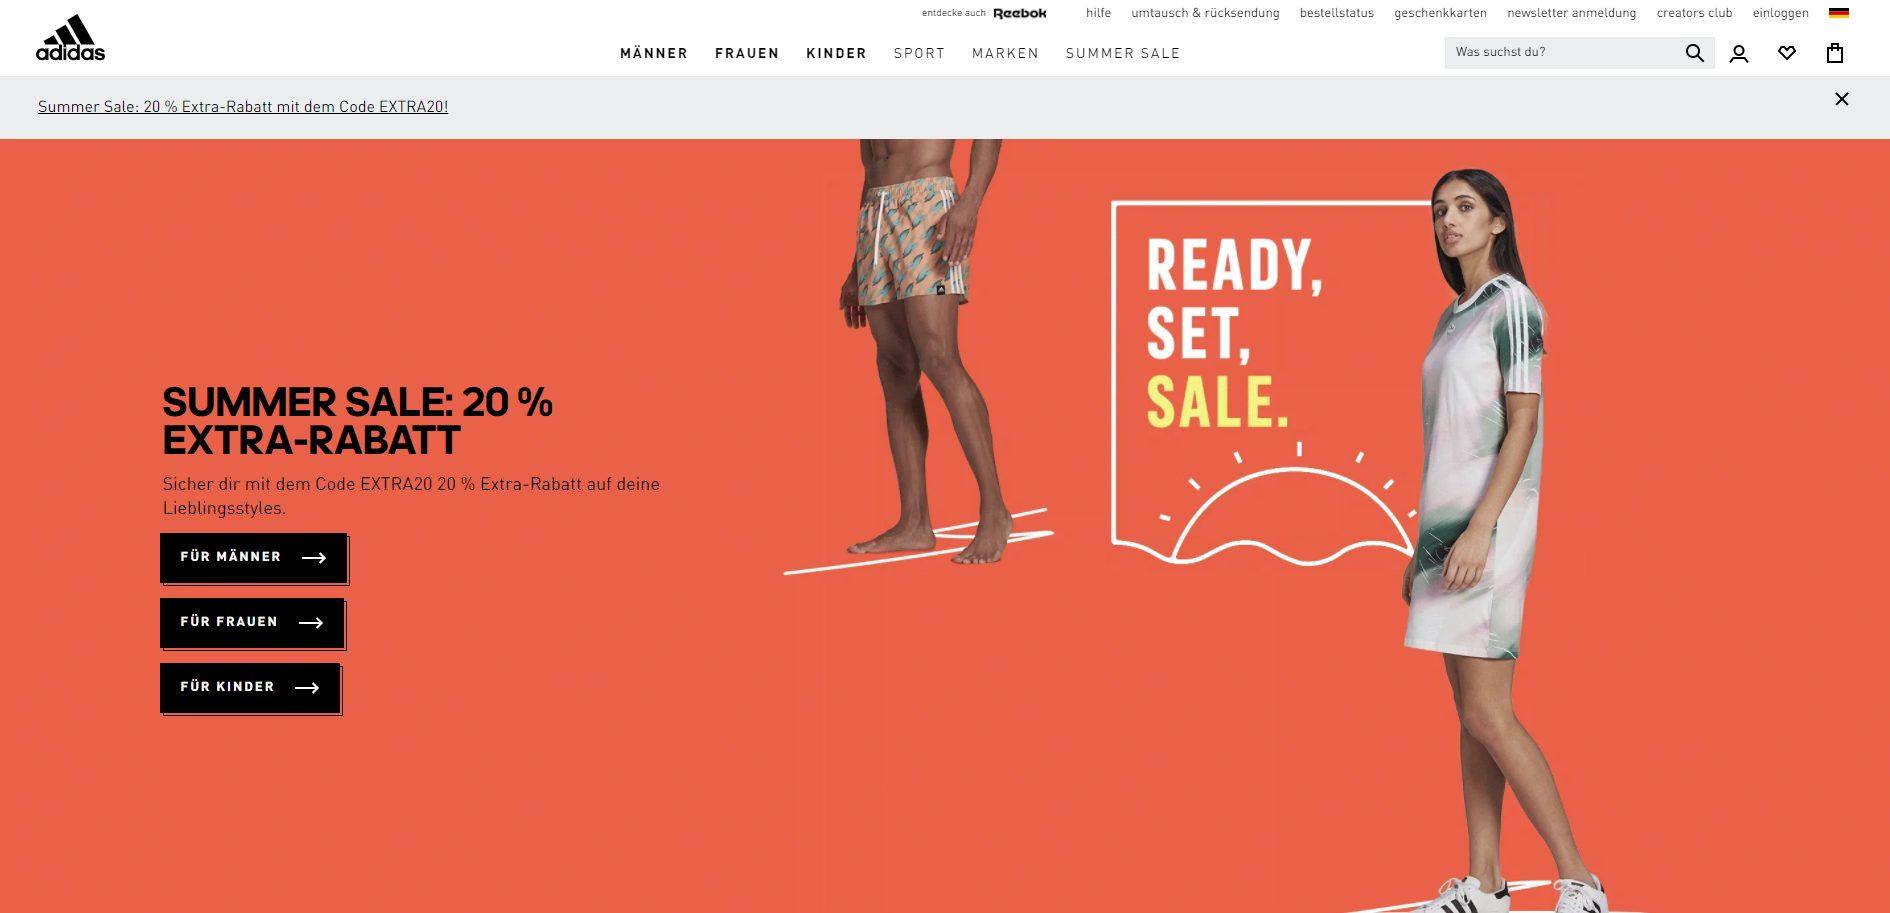 Offizielle Webseite von Adidas